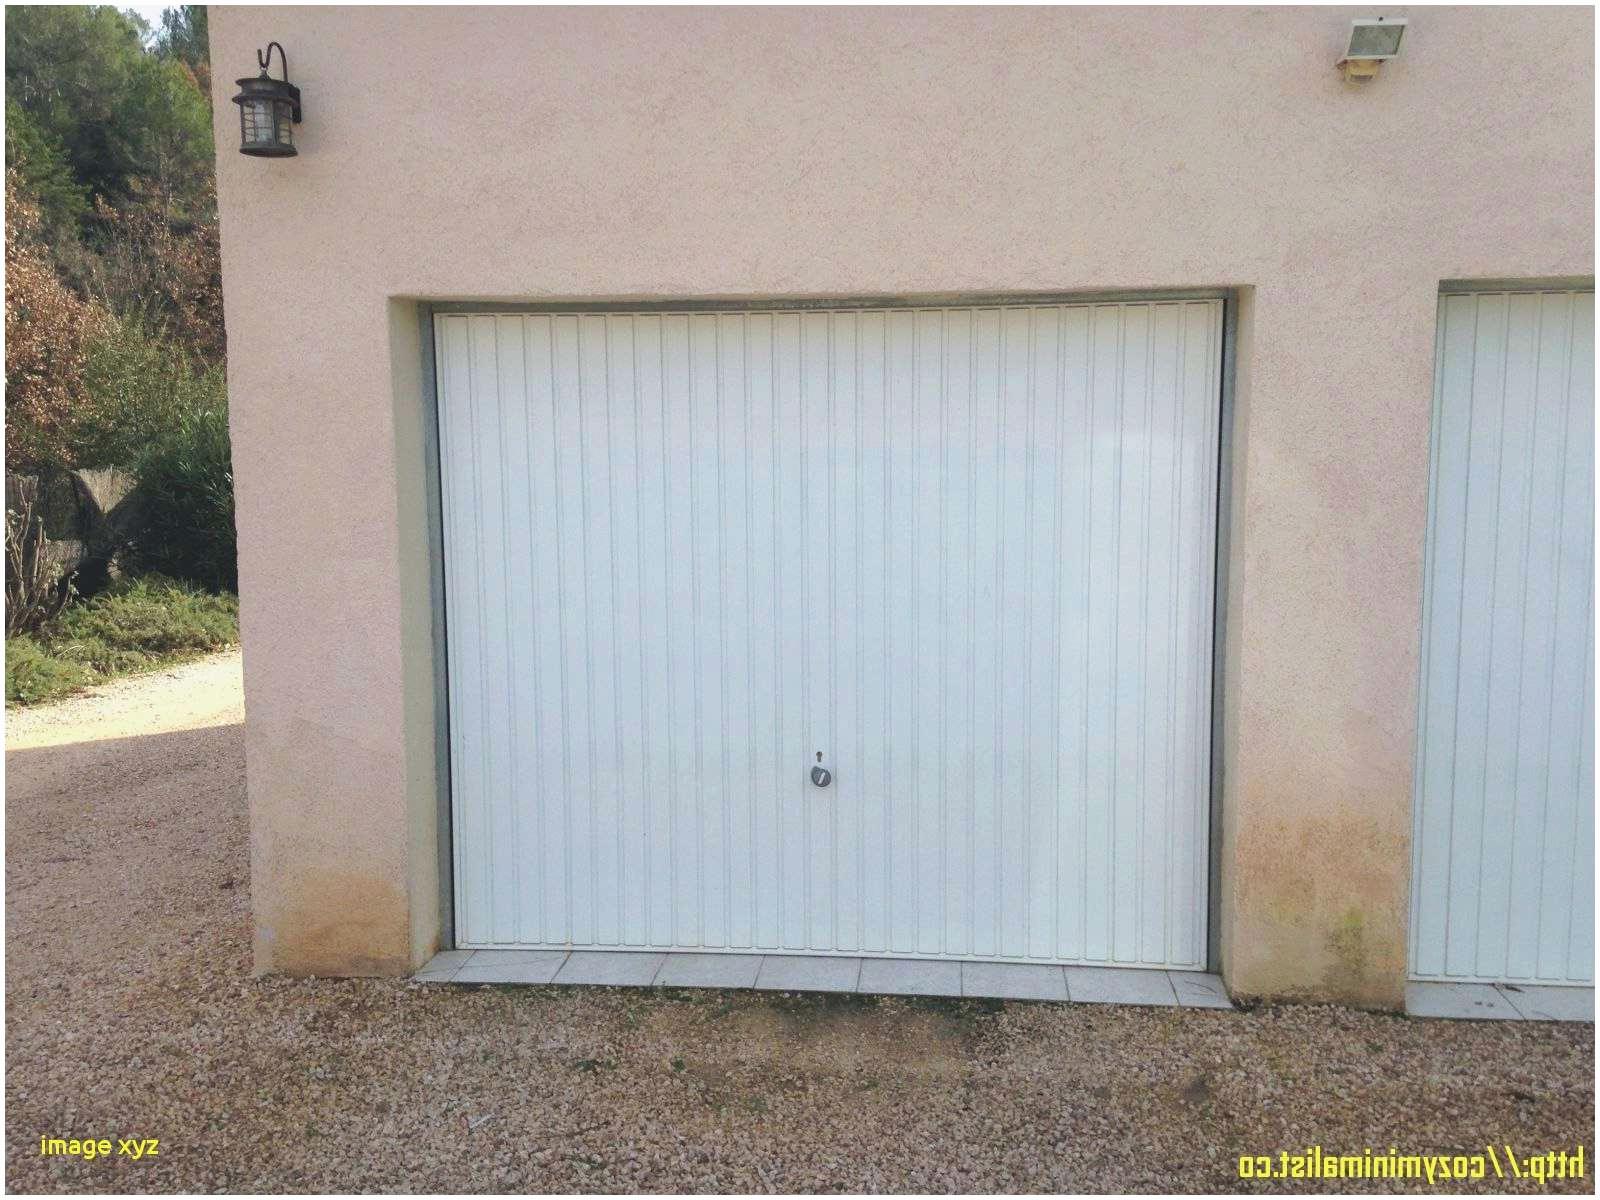 porte de garage basculante avec portillon leroy merlin charmant impressionnant montage porte de garage sectionnelle leroy merlin of porte de garage basculante avec portillon leroy merlin